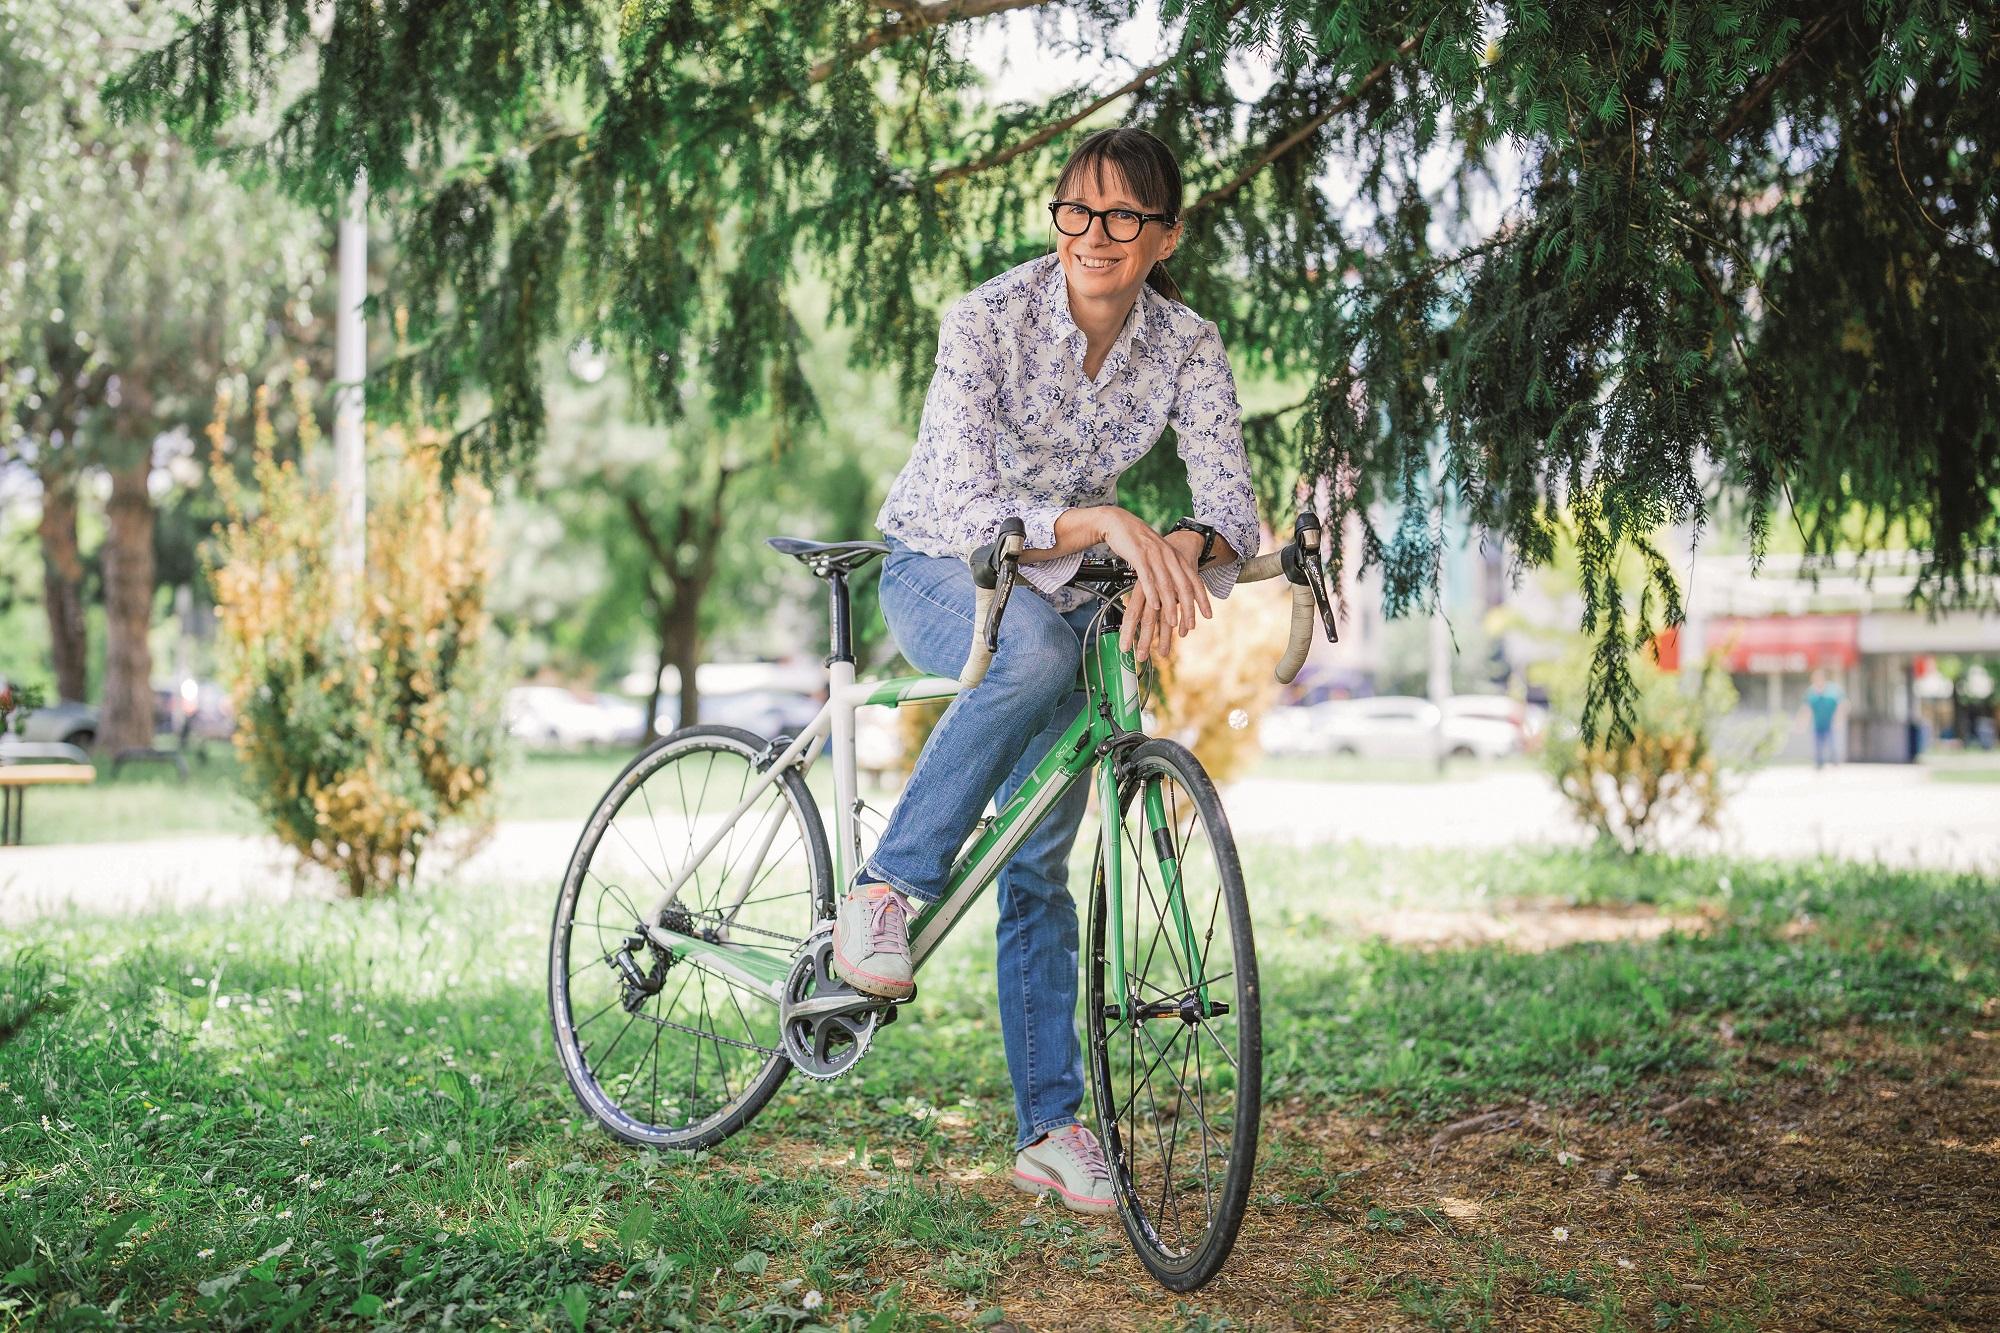 zagreb 02.06.2020 Djevojke i bicikli Iva Gradiser, vladimira spindler, iva ruszkowski foto vedran peteh